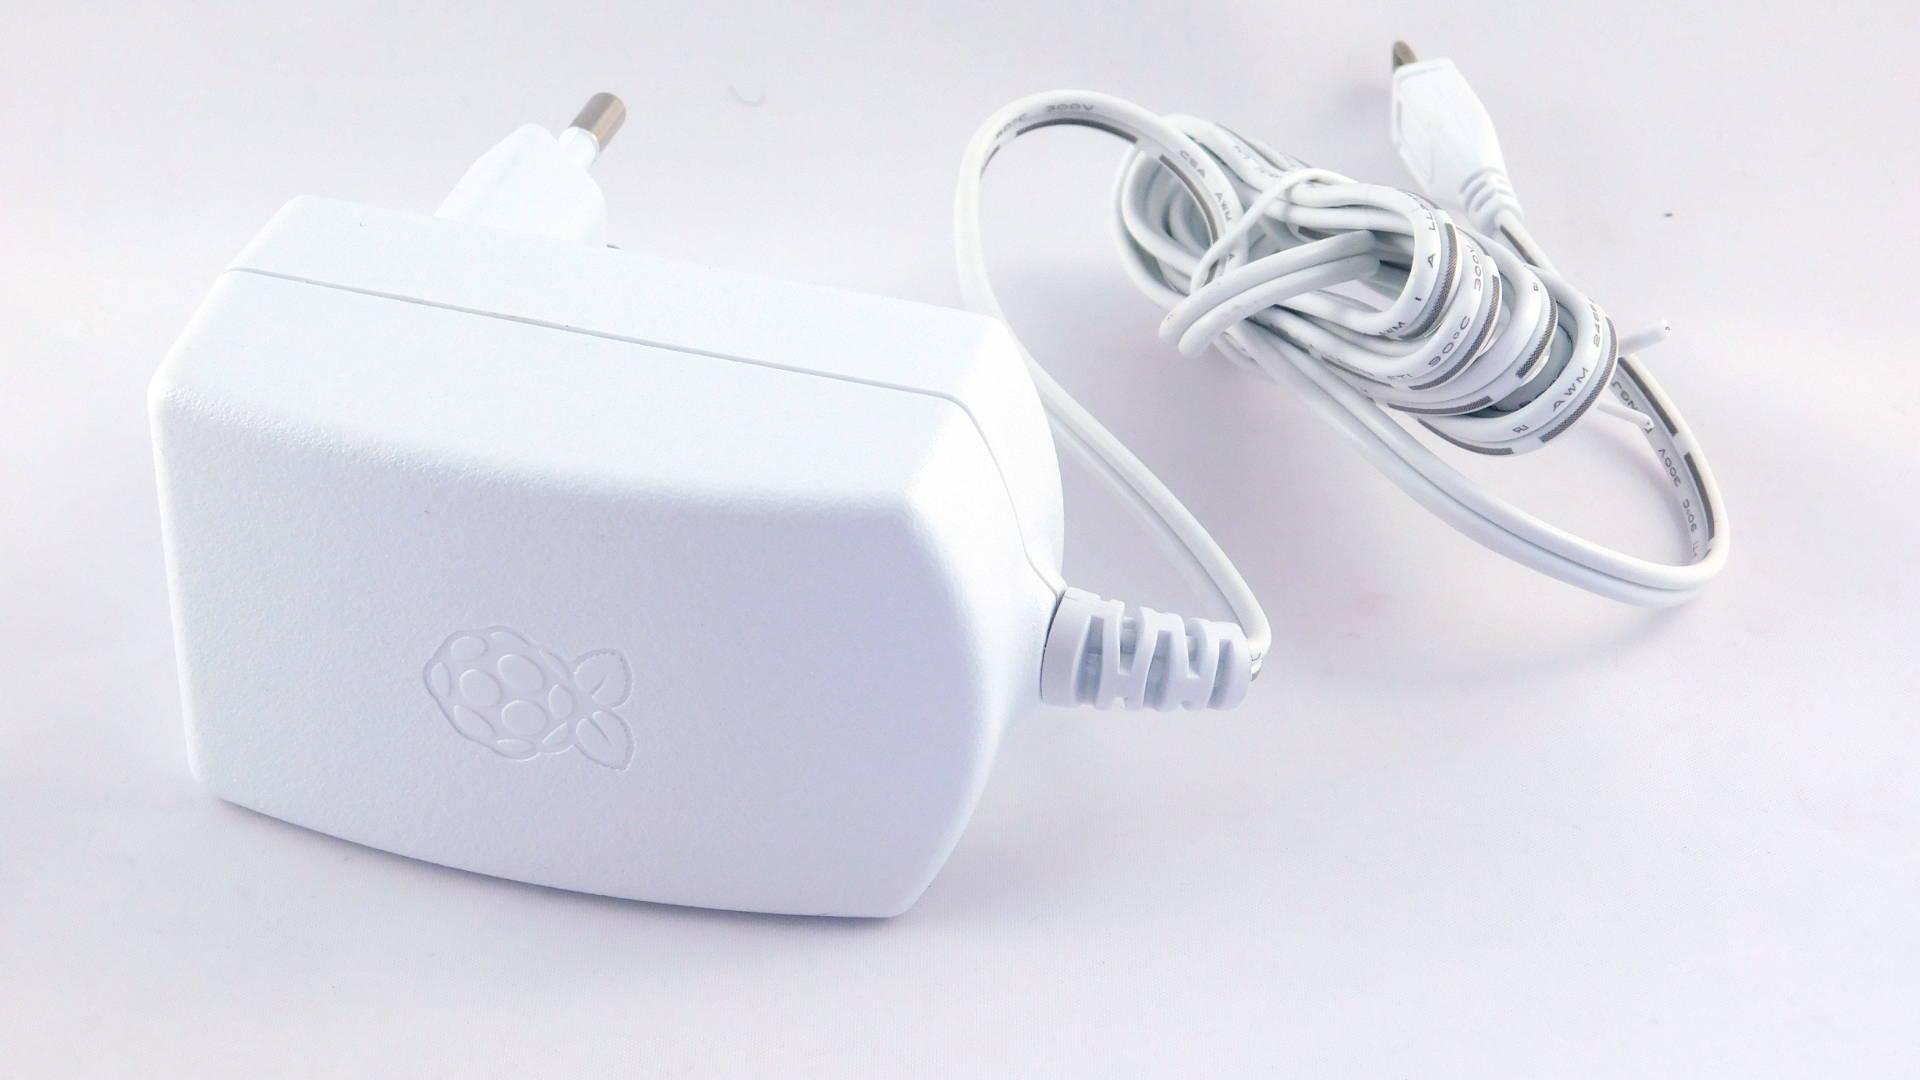 Nettigo: Raspberry Pi 3 official power supply, 2 5A, white